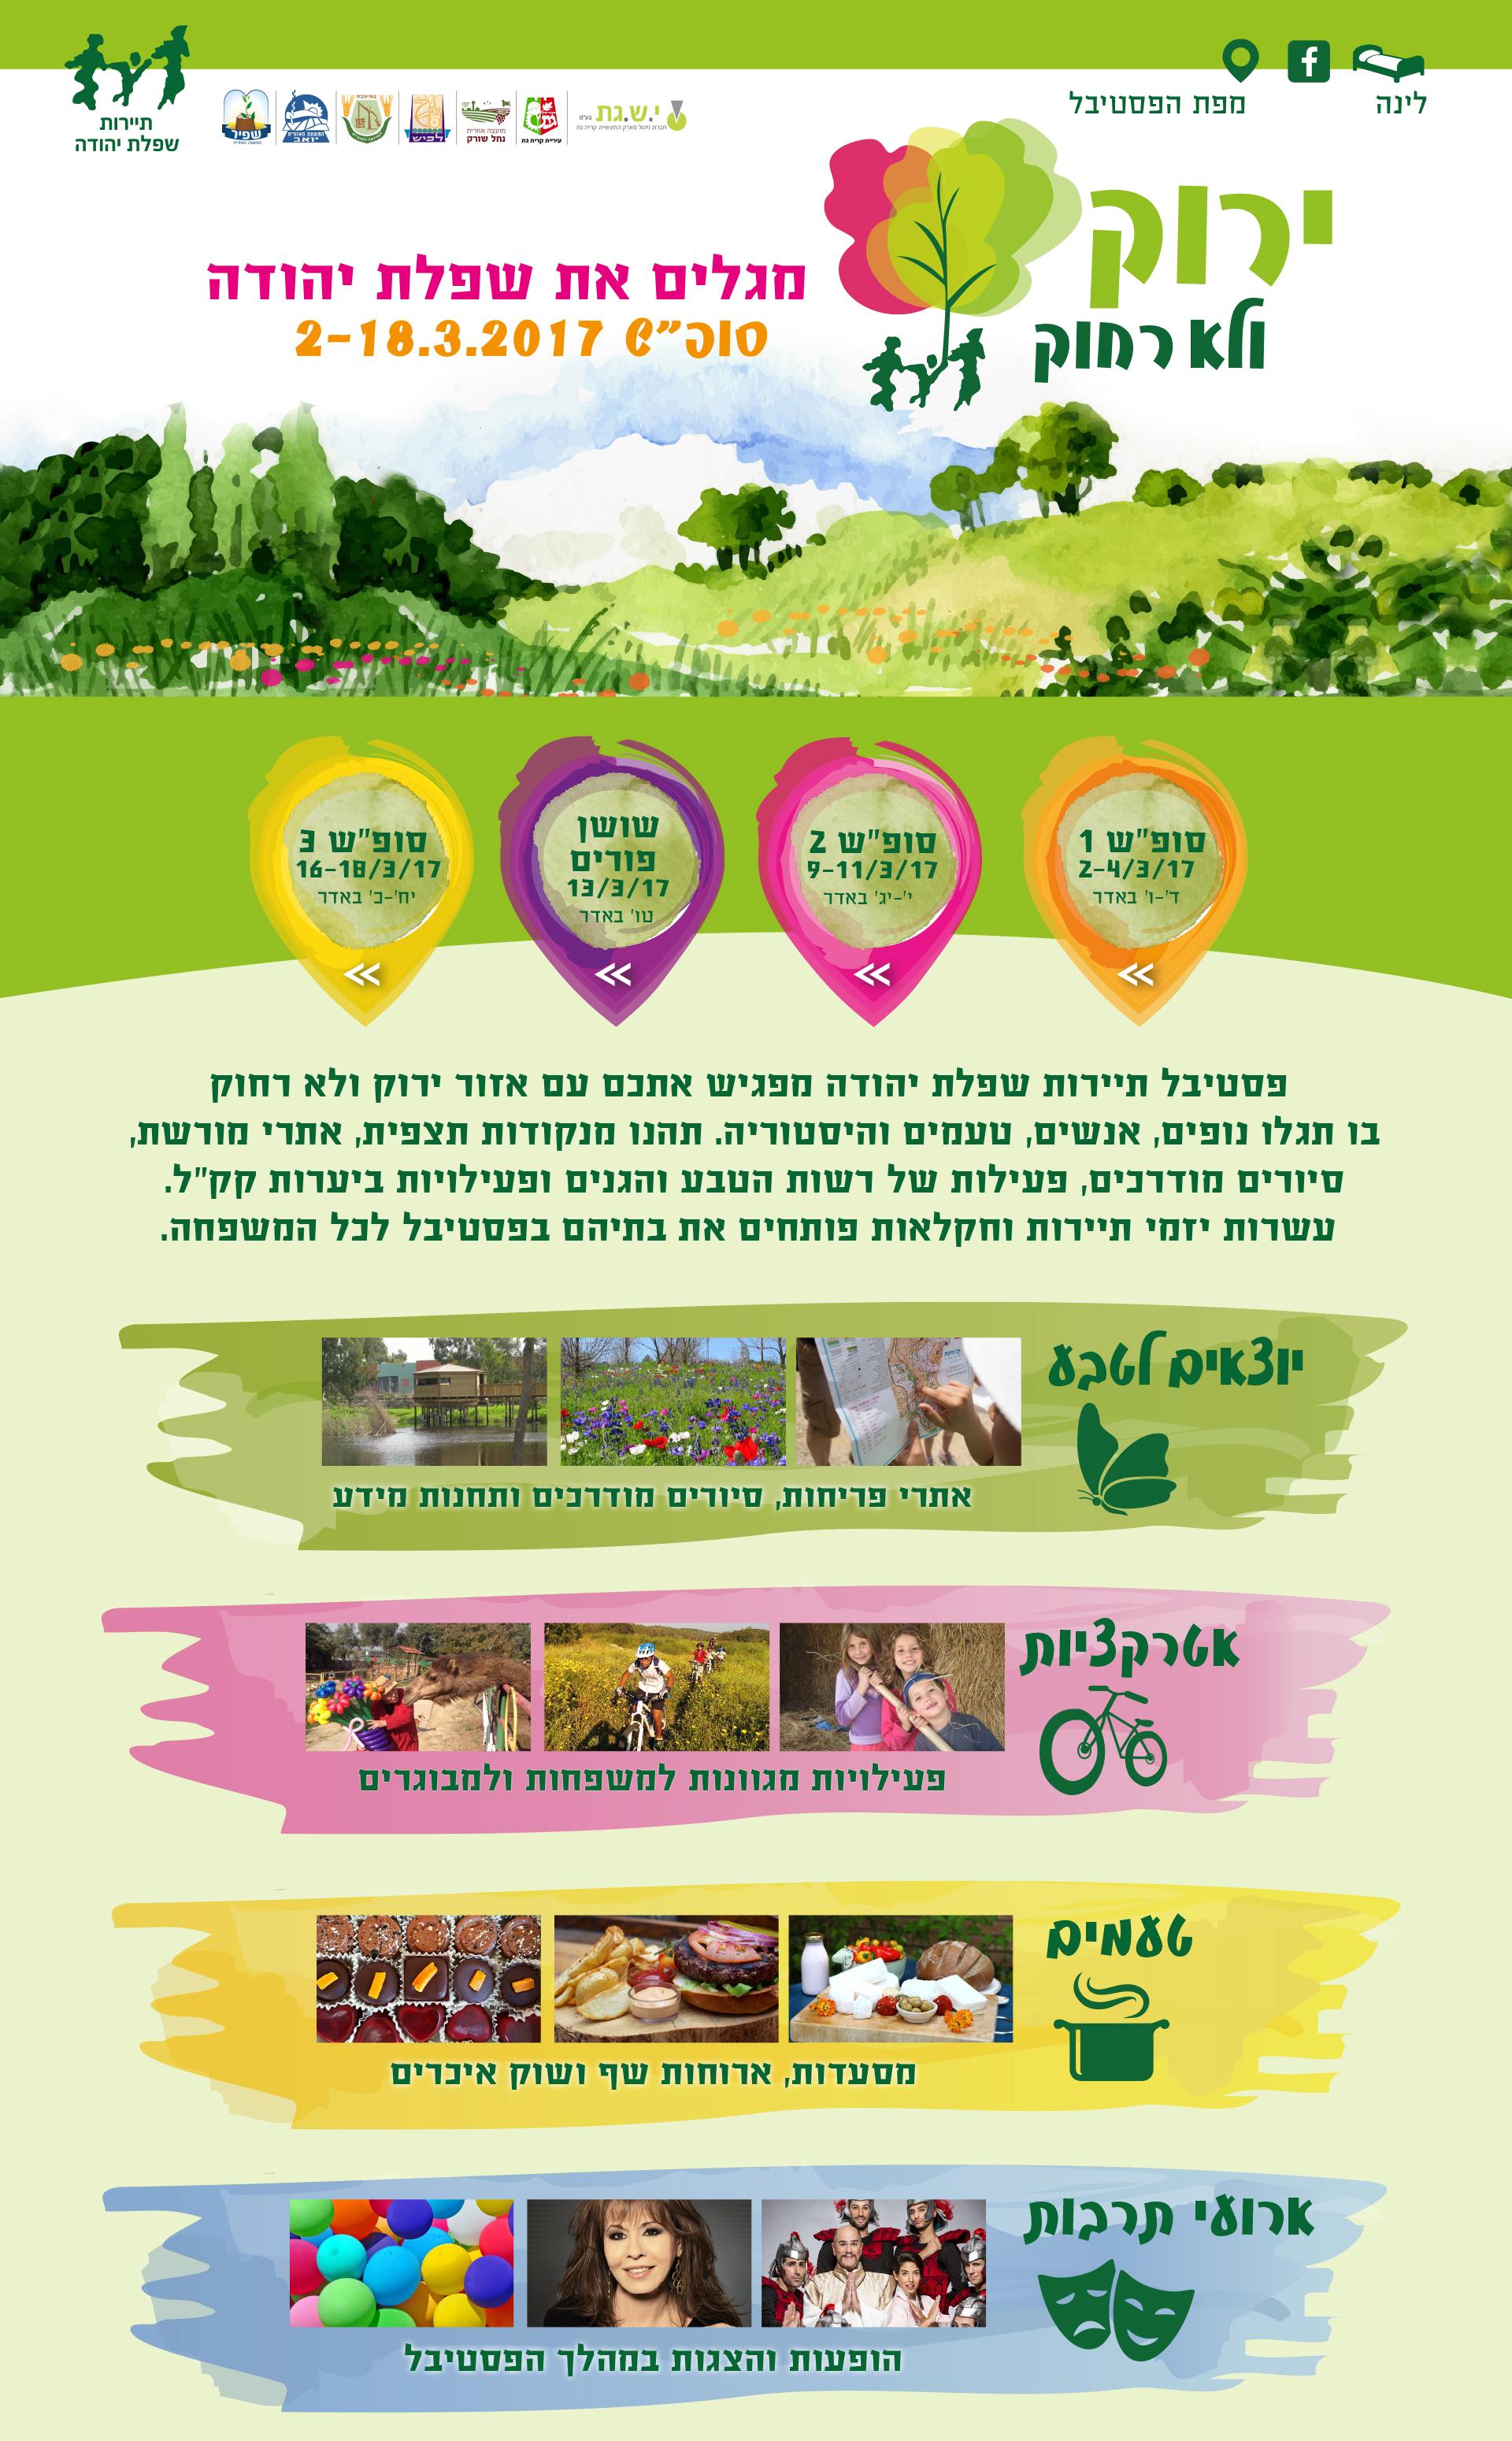 פסטיבל ירוק ולא רחוק - תיירות שפלת י